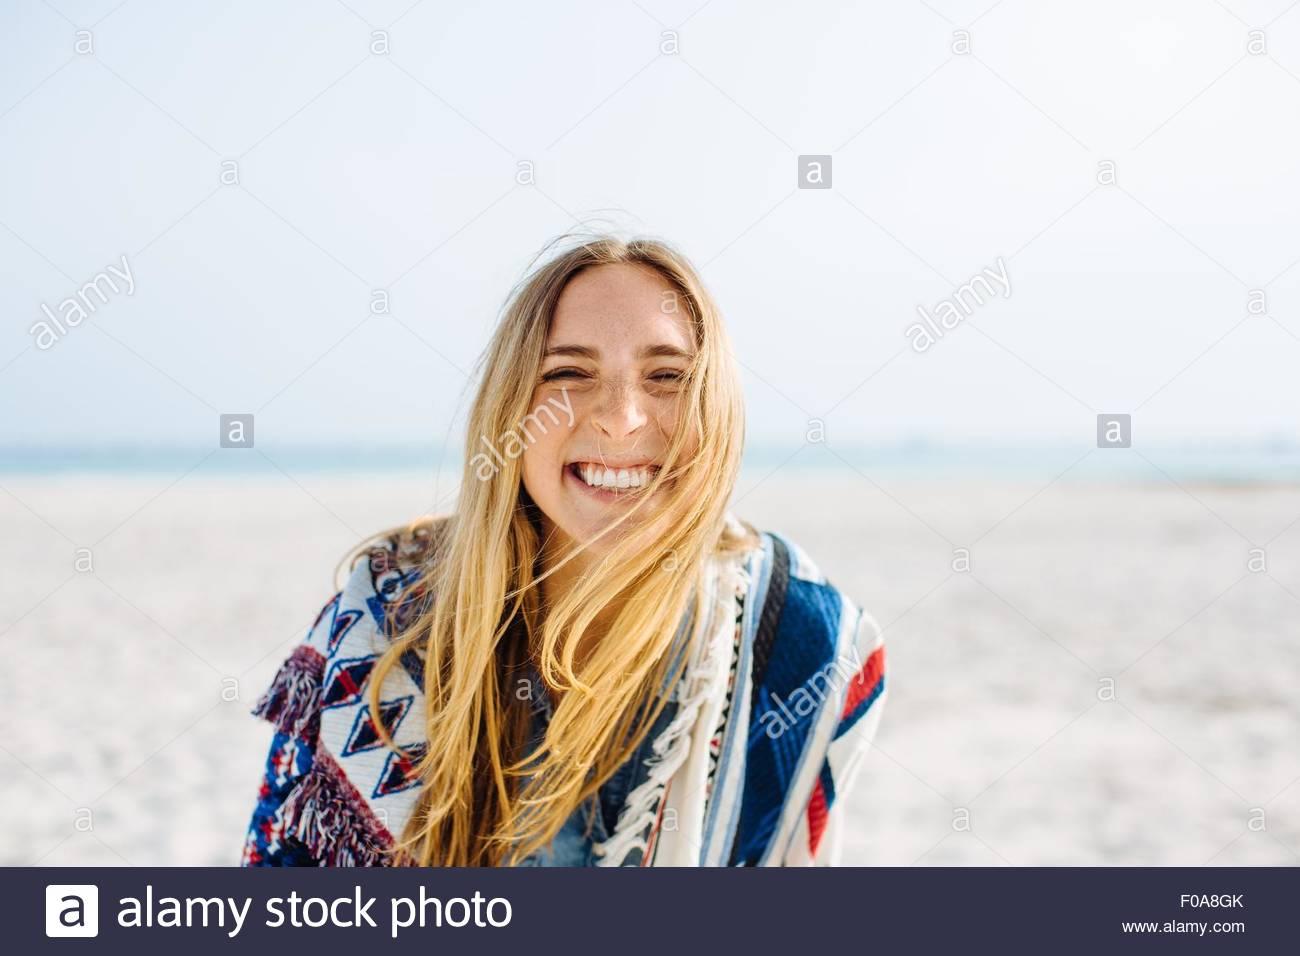 Retrato de mujer joven envuelta en una manta haciendo cara sonriente en la playa Imagen De Stock